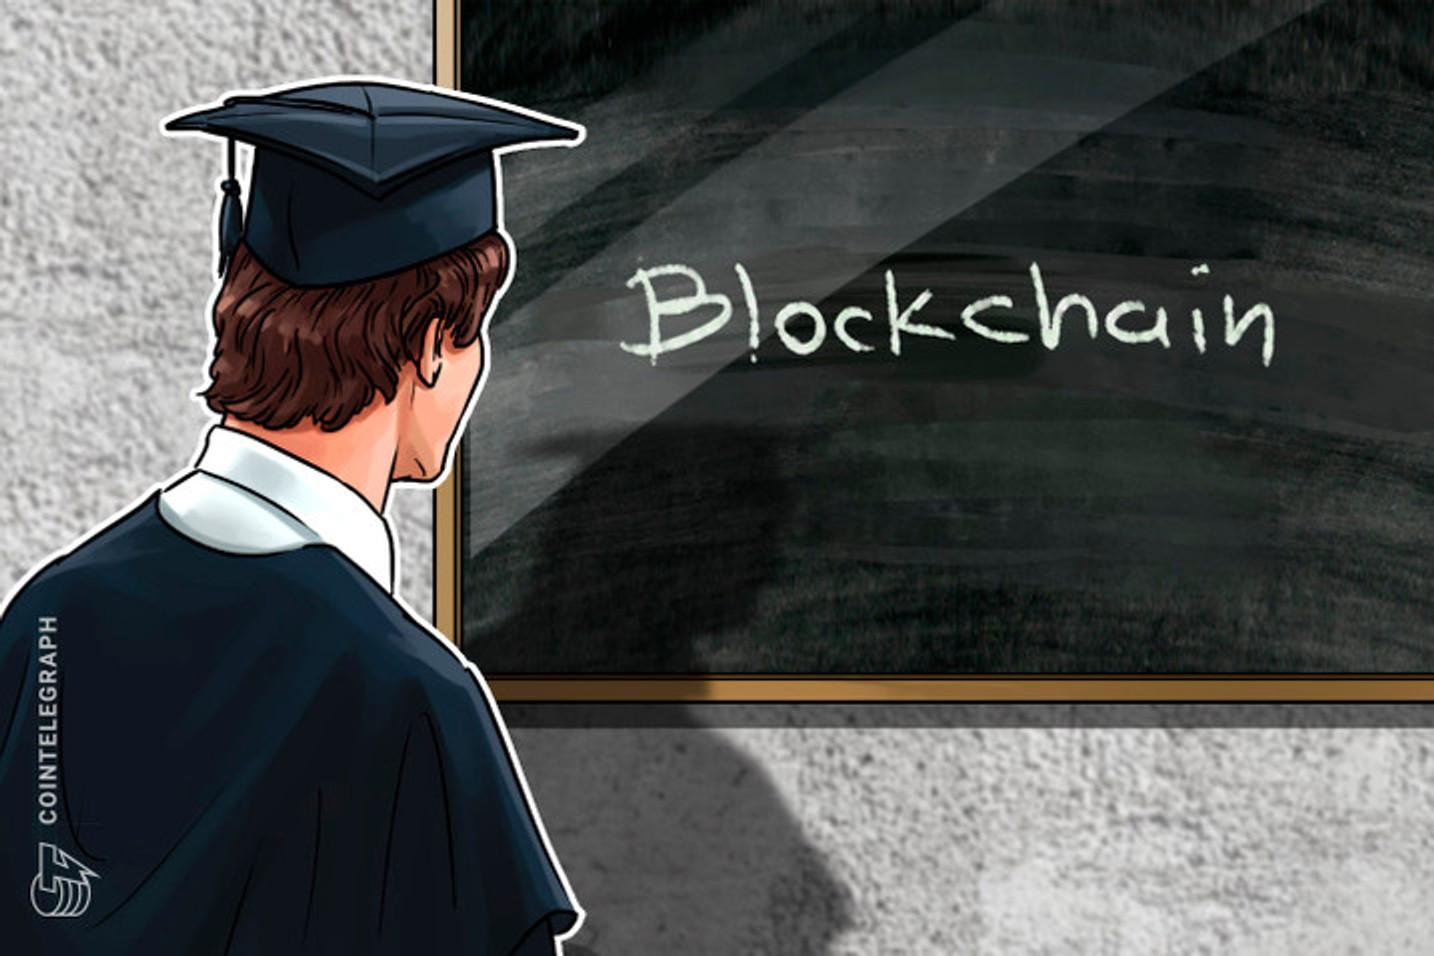 IHK München startet digitalen Blockchain-Echtheitsnachweis für Zeugnisse und Dokumente